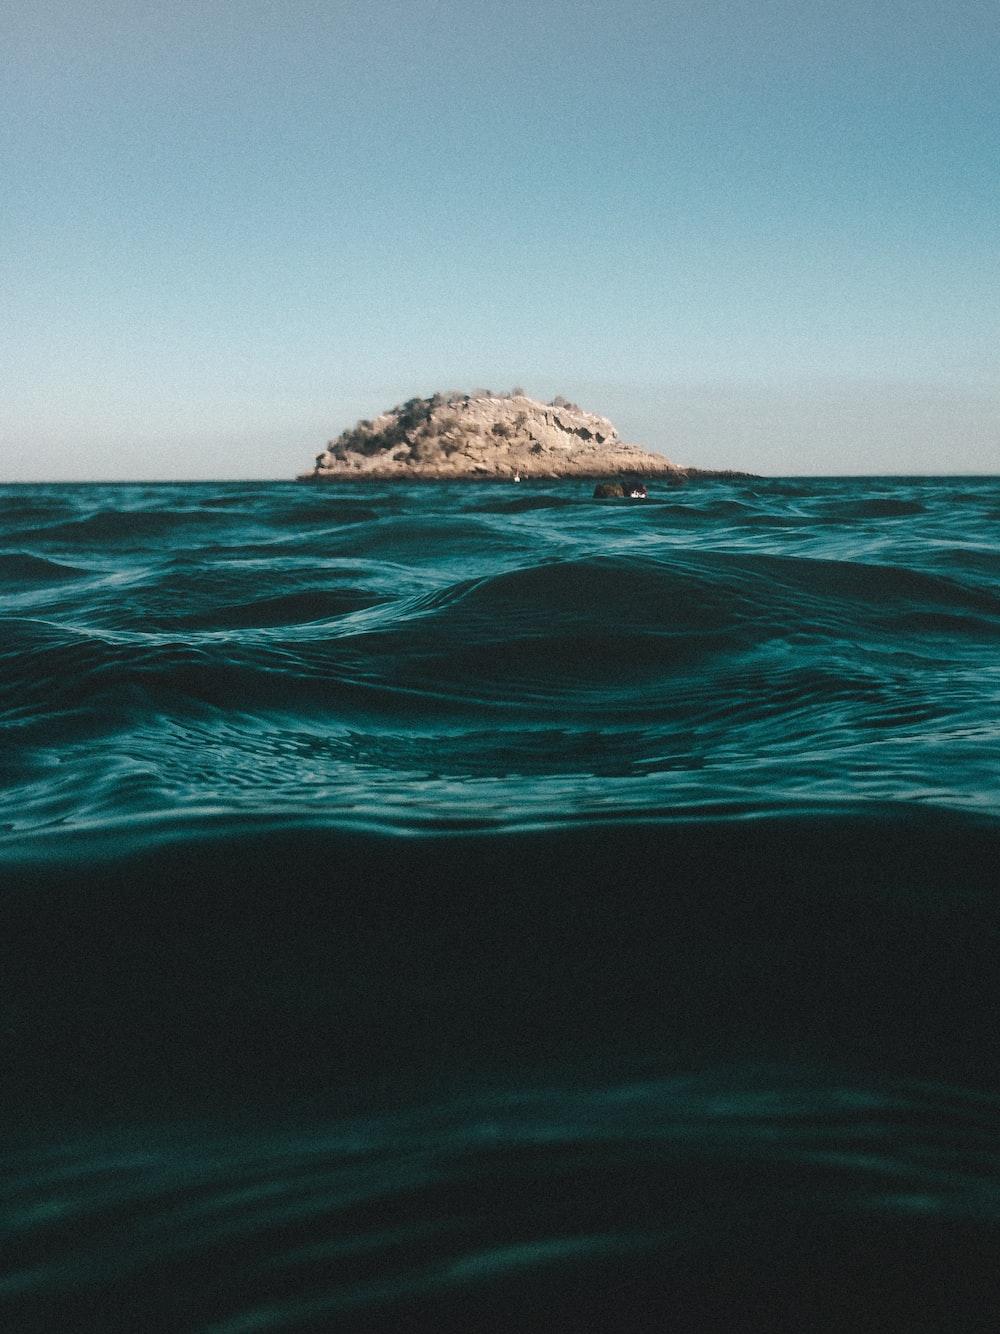 islet on ocean during daytim